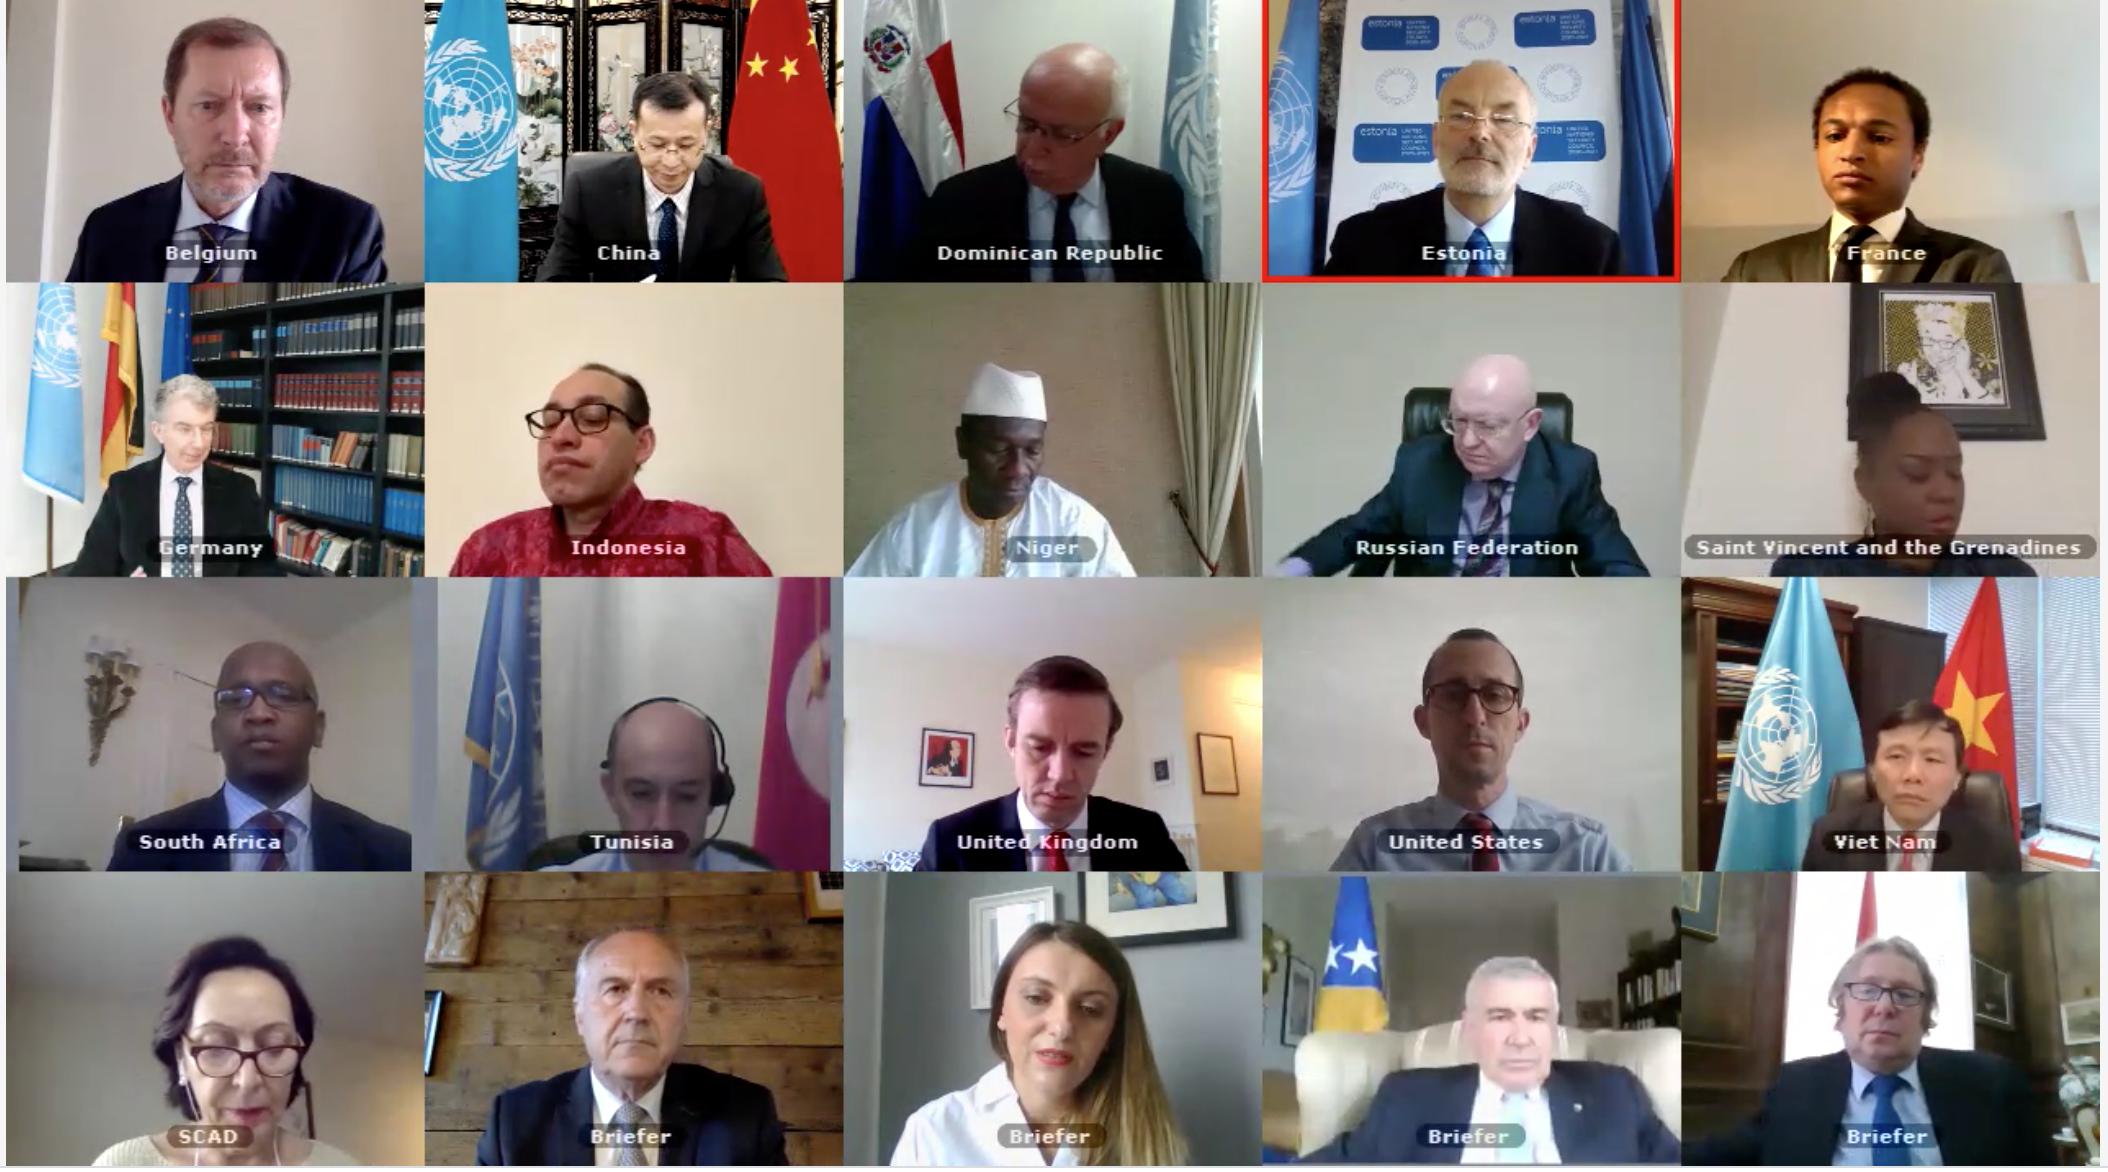 Hội đồng Bảo an LHQ thảo luận về Bosnia và Herzegovina